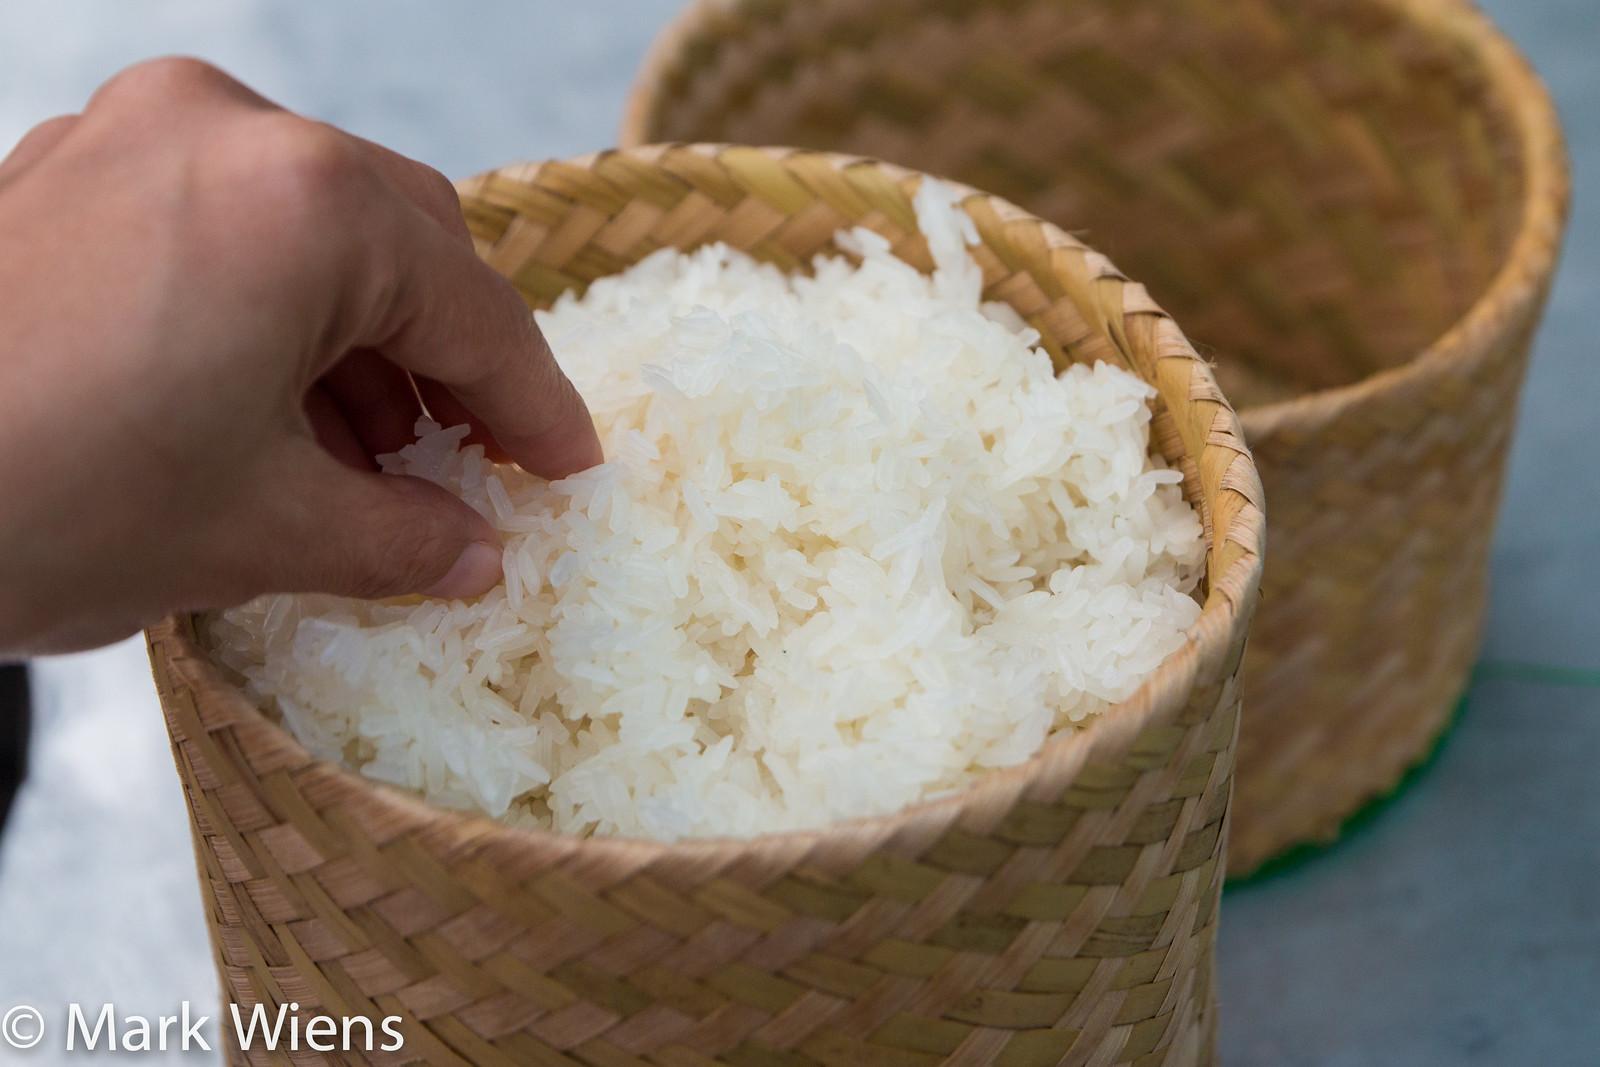 Cách nấu xôi ngon bằng nồi cơm điện cực đơn giản tại nhà-1 cách nấu xôi ngon bằng nồi cơm điện Cách nấu xôi ngon bằng nồi cơm điện cúng Rằm tháng 7 cach nau xoi ngon bang noi com dien 5